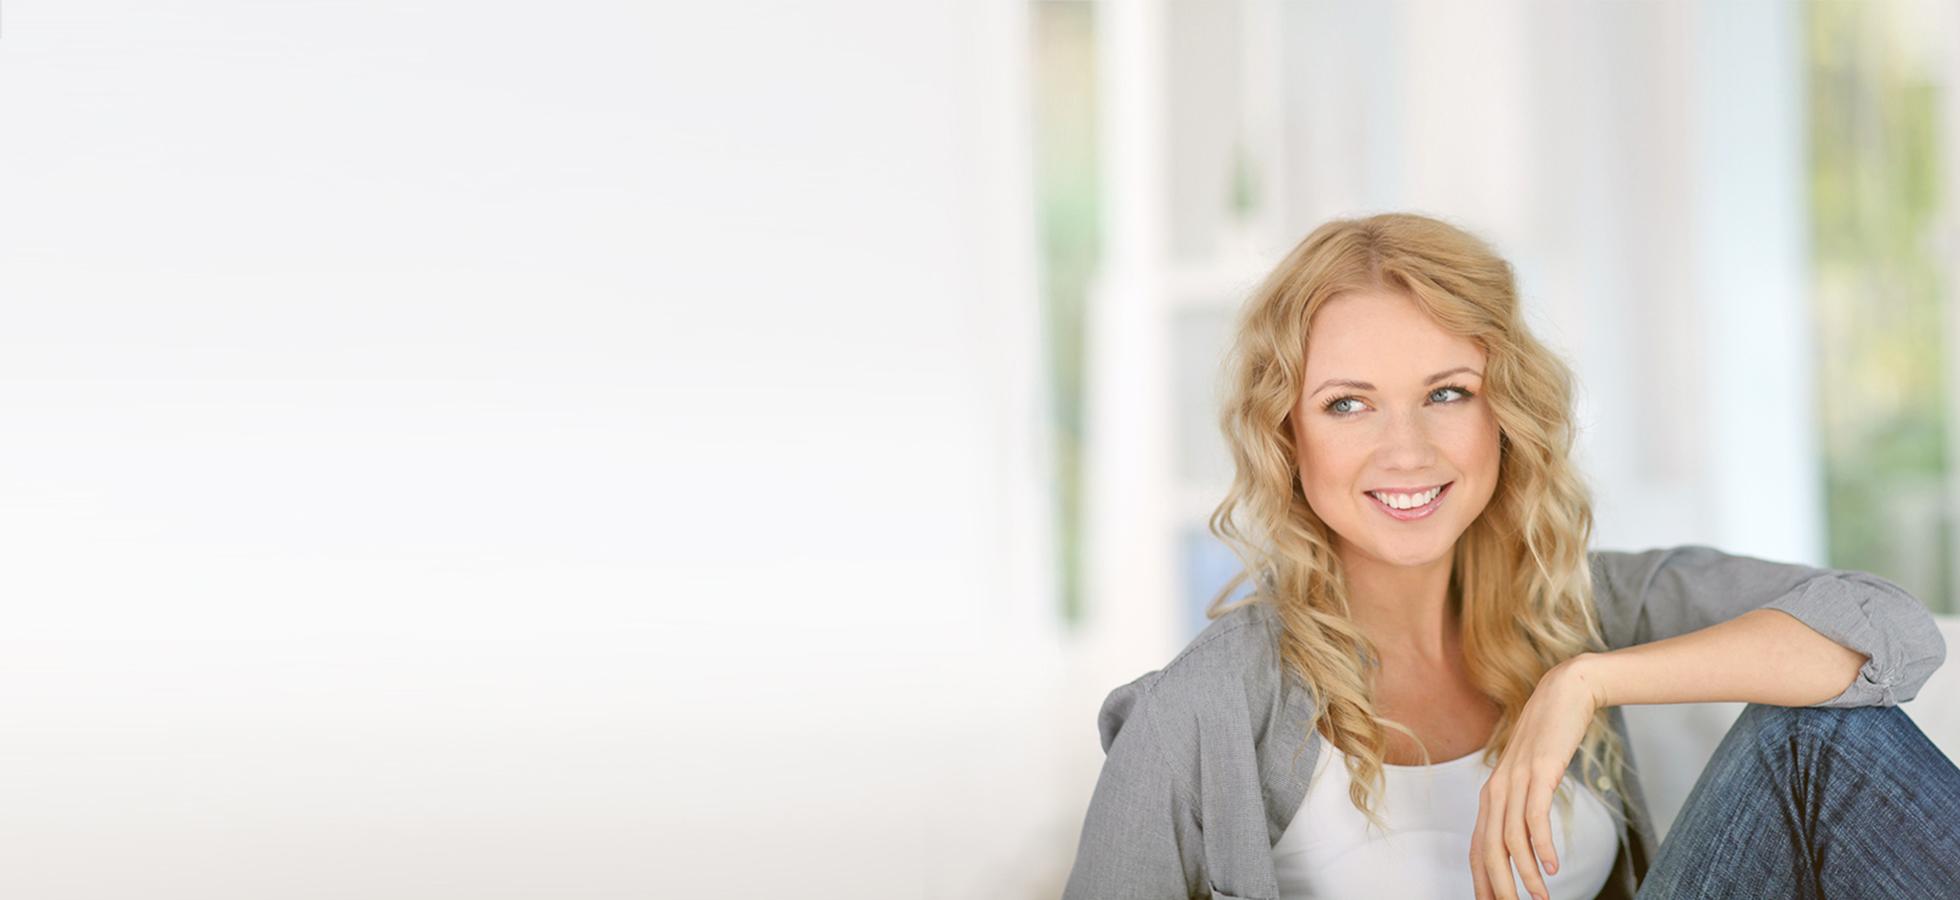 Continentale Zahnzusatzversicherung Rechnung Einreichen : continentale zahnzusatzversicherung ~ Themetempest.com Abrechnung